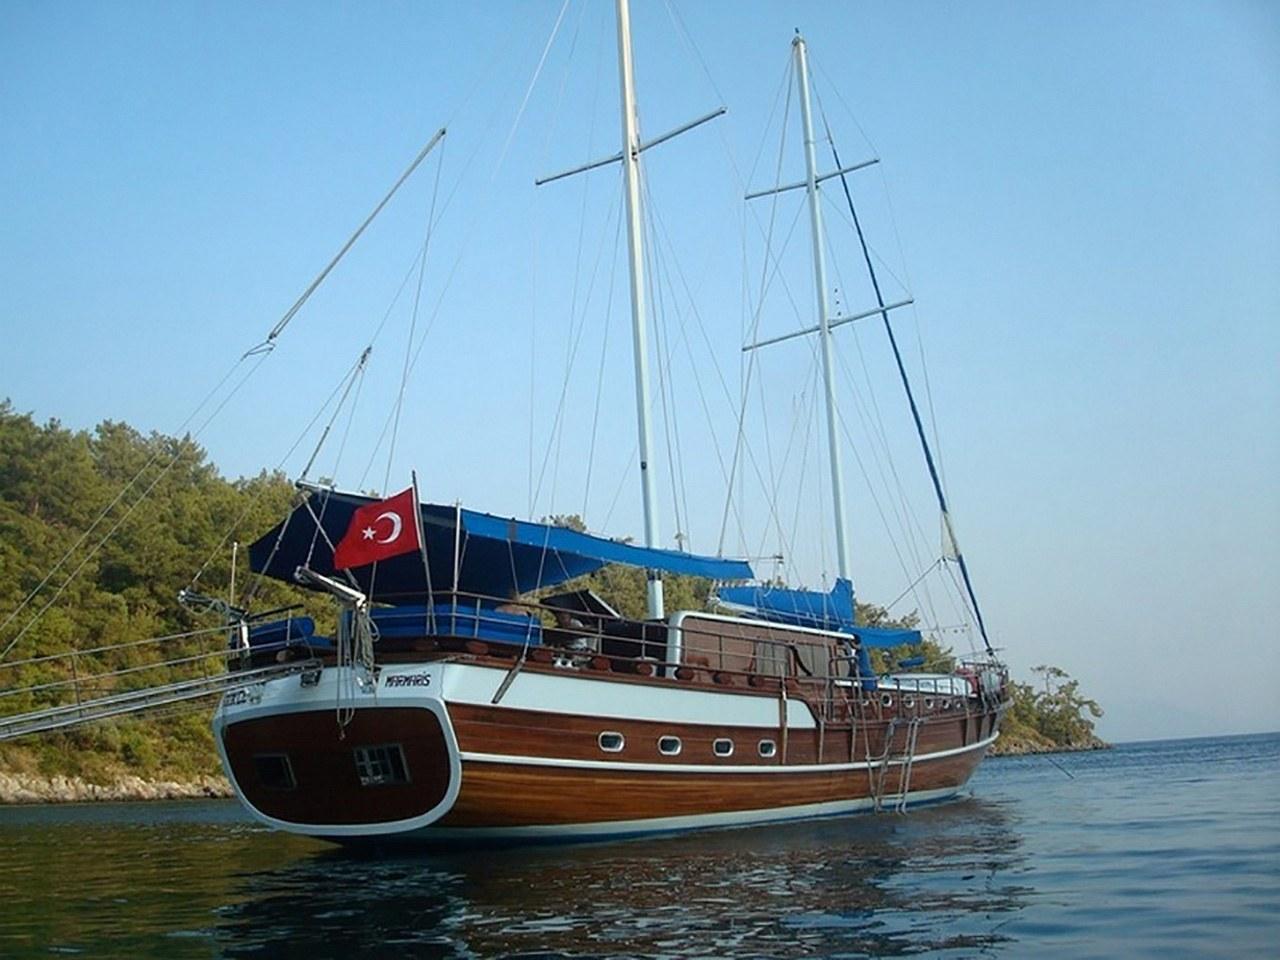 Yacht Gokce 3